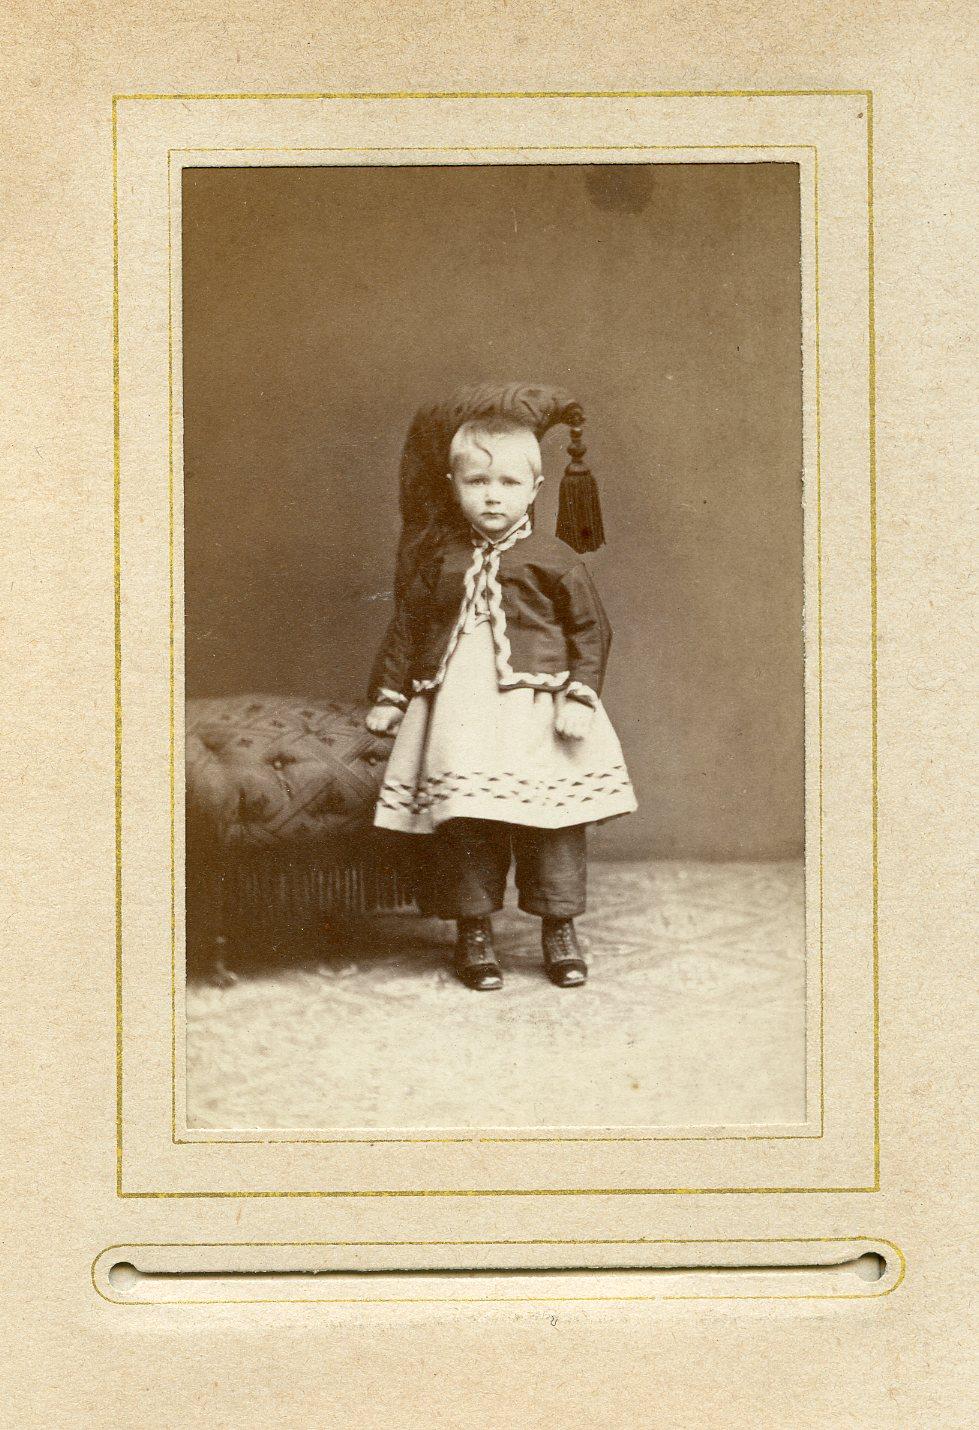 Johanne Hedemanns Album billede nr. 75